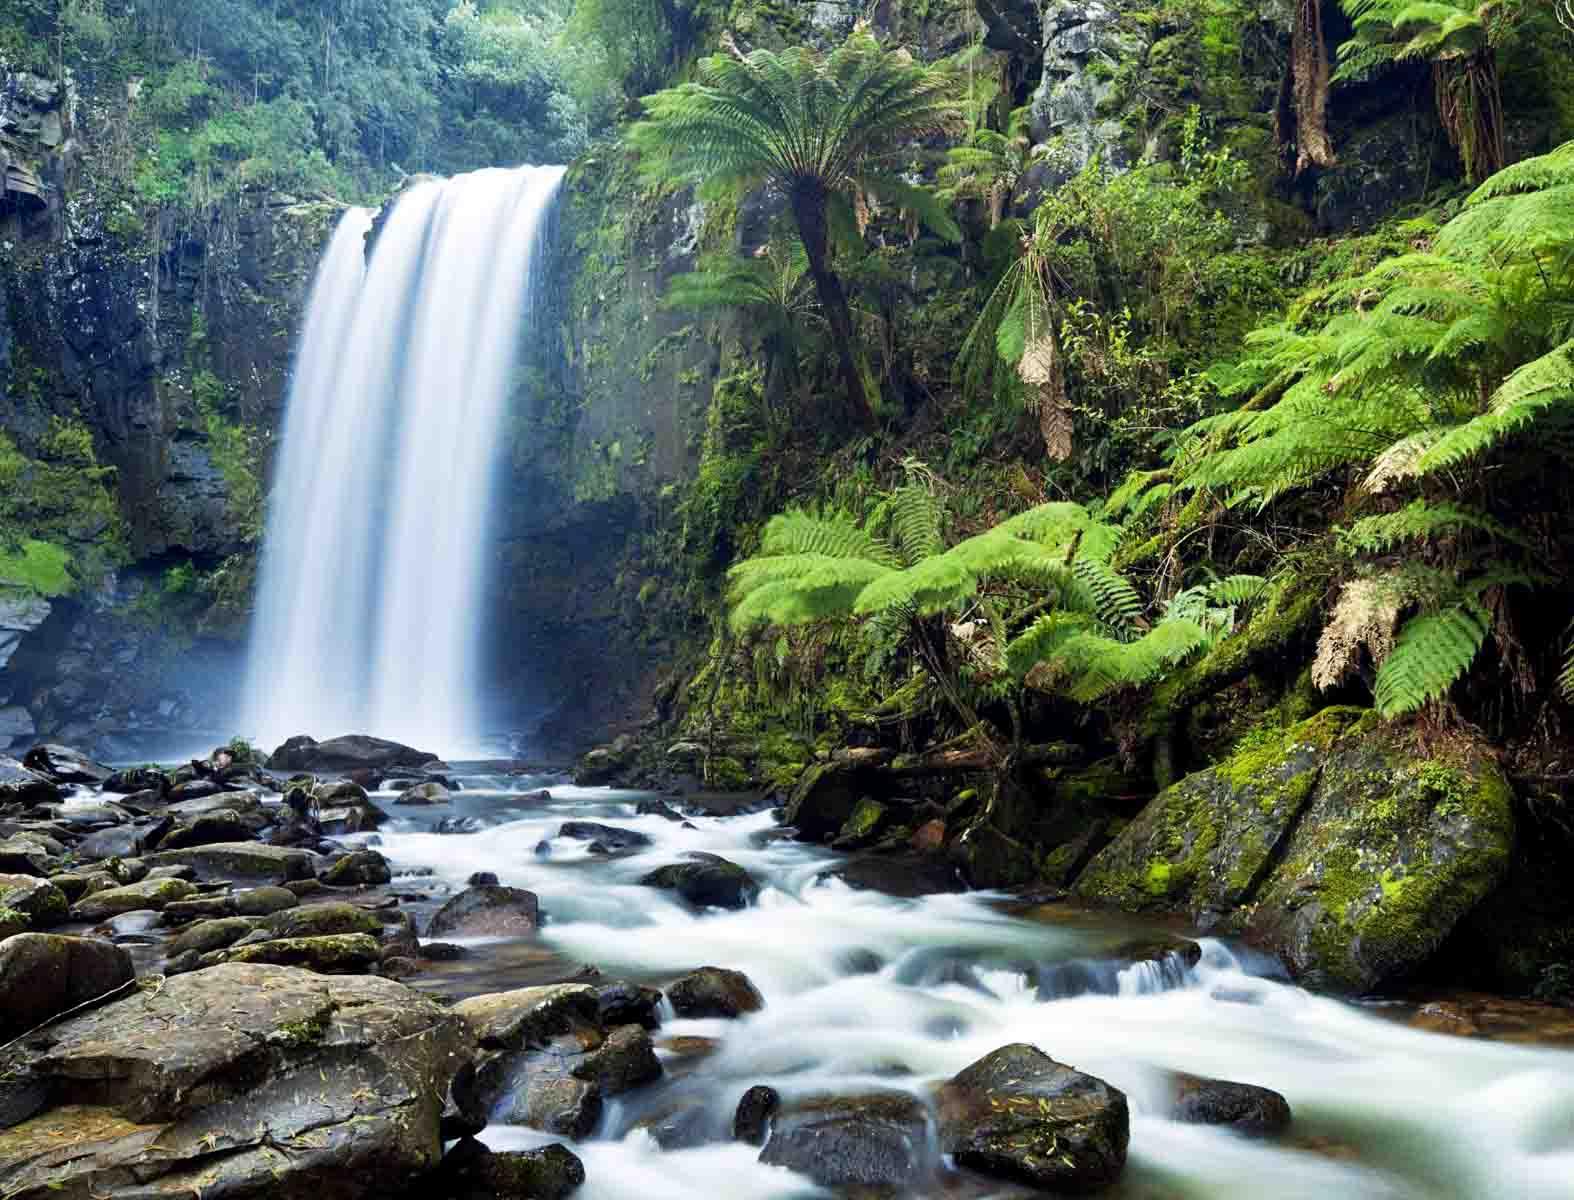 生态系统健康和管理——生态系统健康是生态系统管理的目标